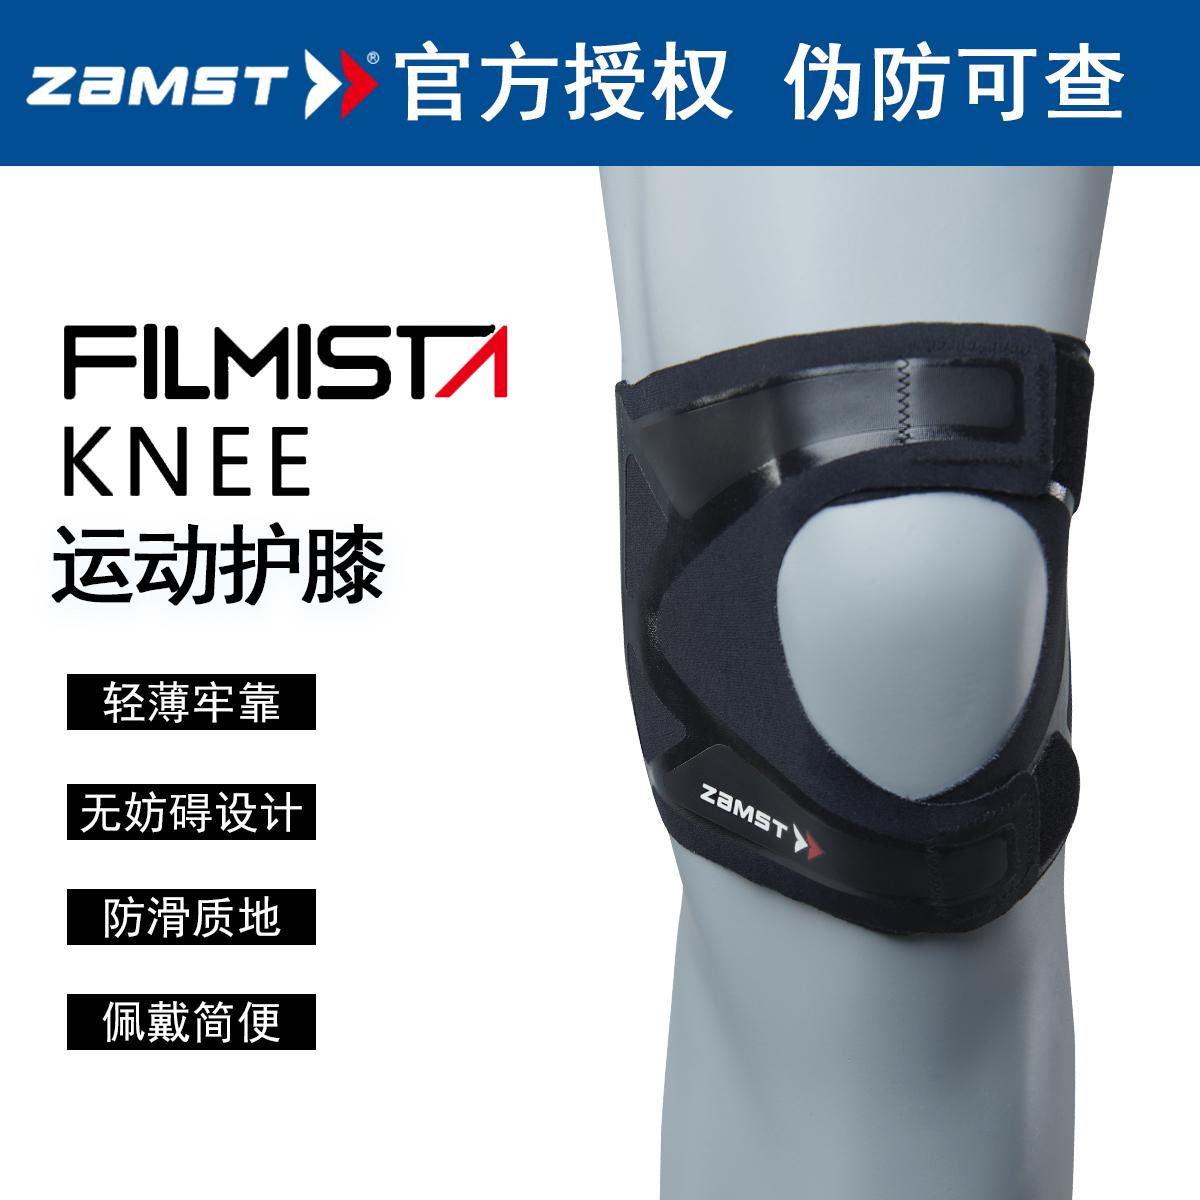 日本ZAMST赞斯特轻薄护膝filmista跑步运动足球篮球羽毛球护膝